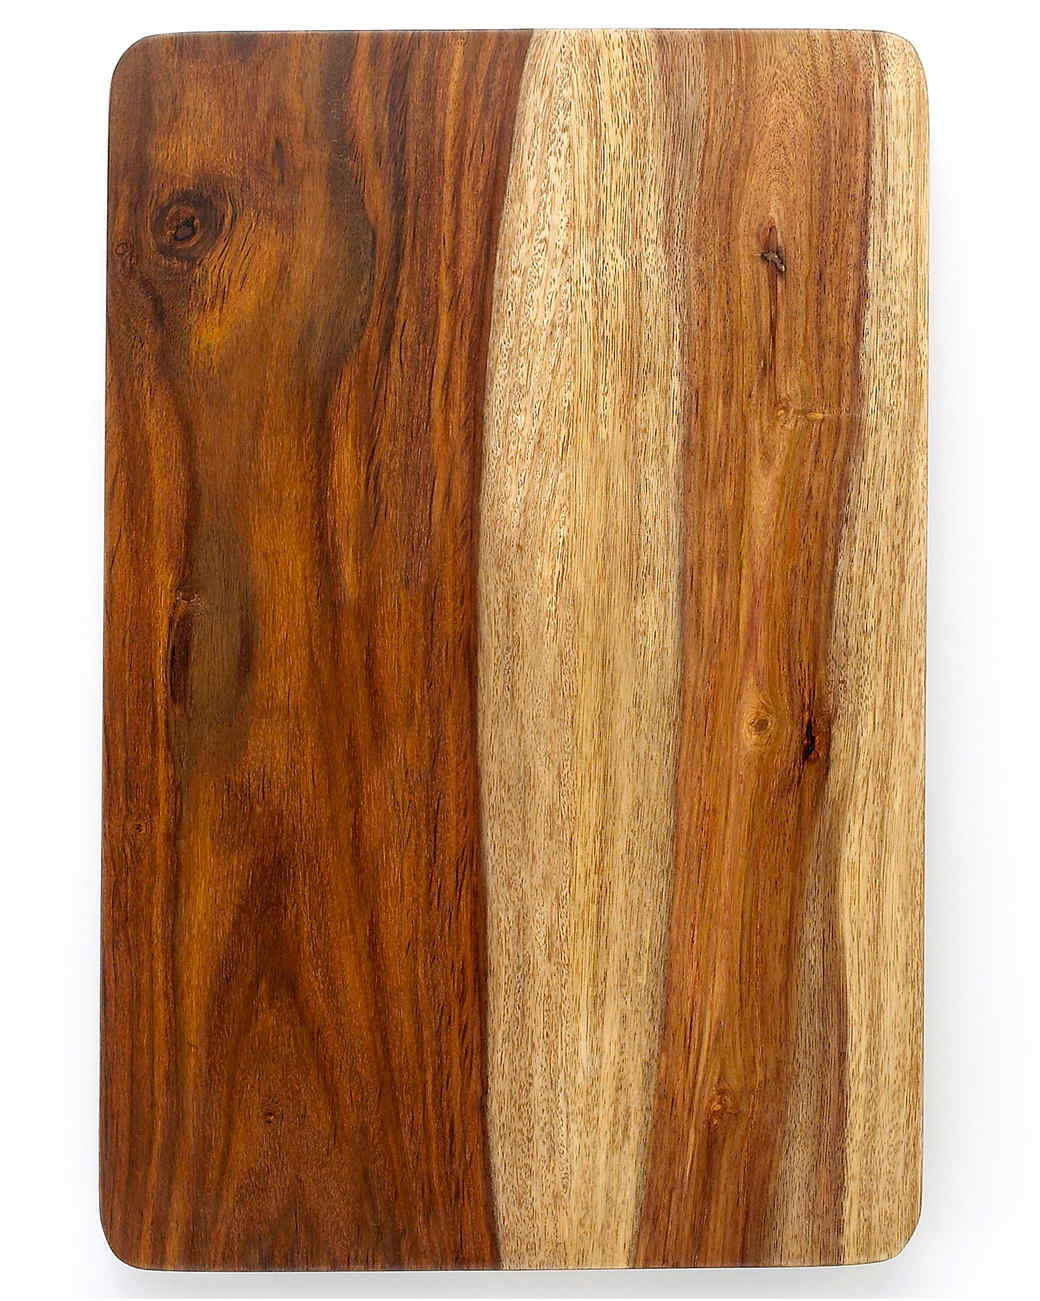 msmacys-sheeshamwoodcuttingboard-retail-0314.jpg